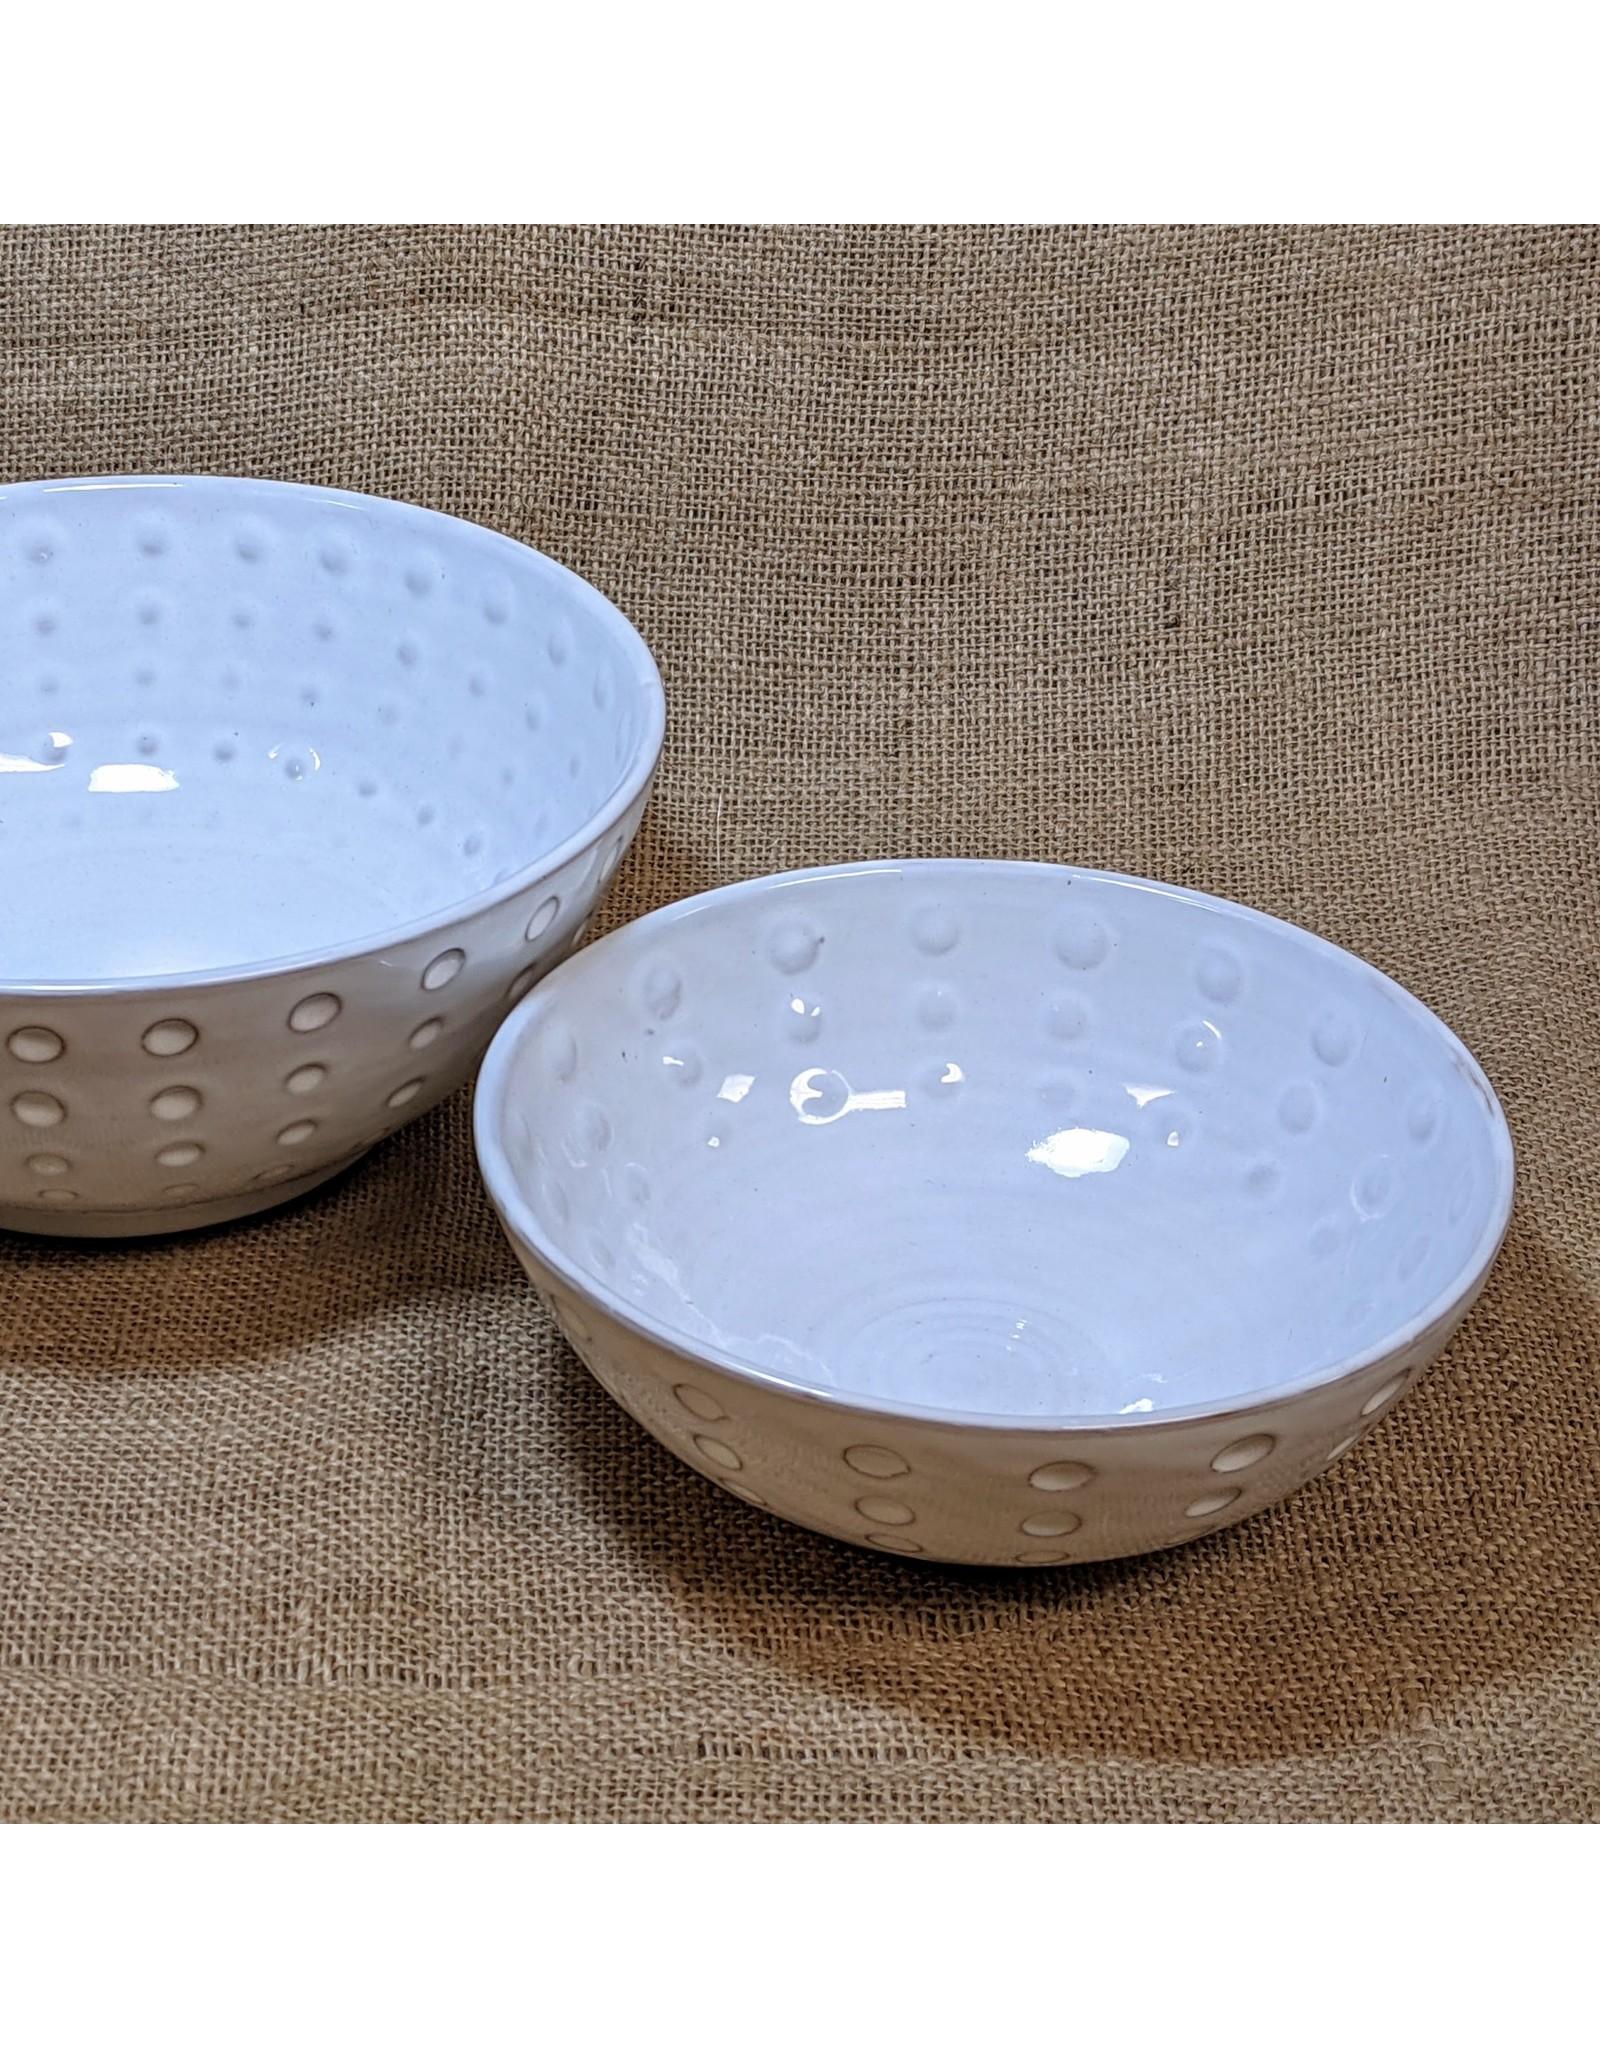 Ten Thousand Villages White Stoneware Bowl (Small). Nepal